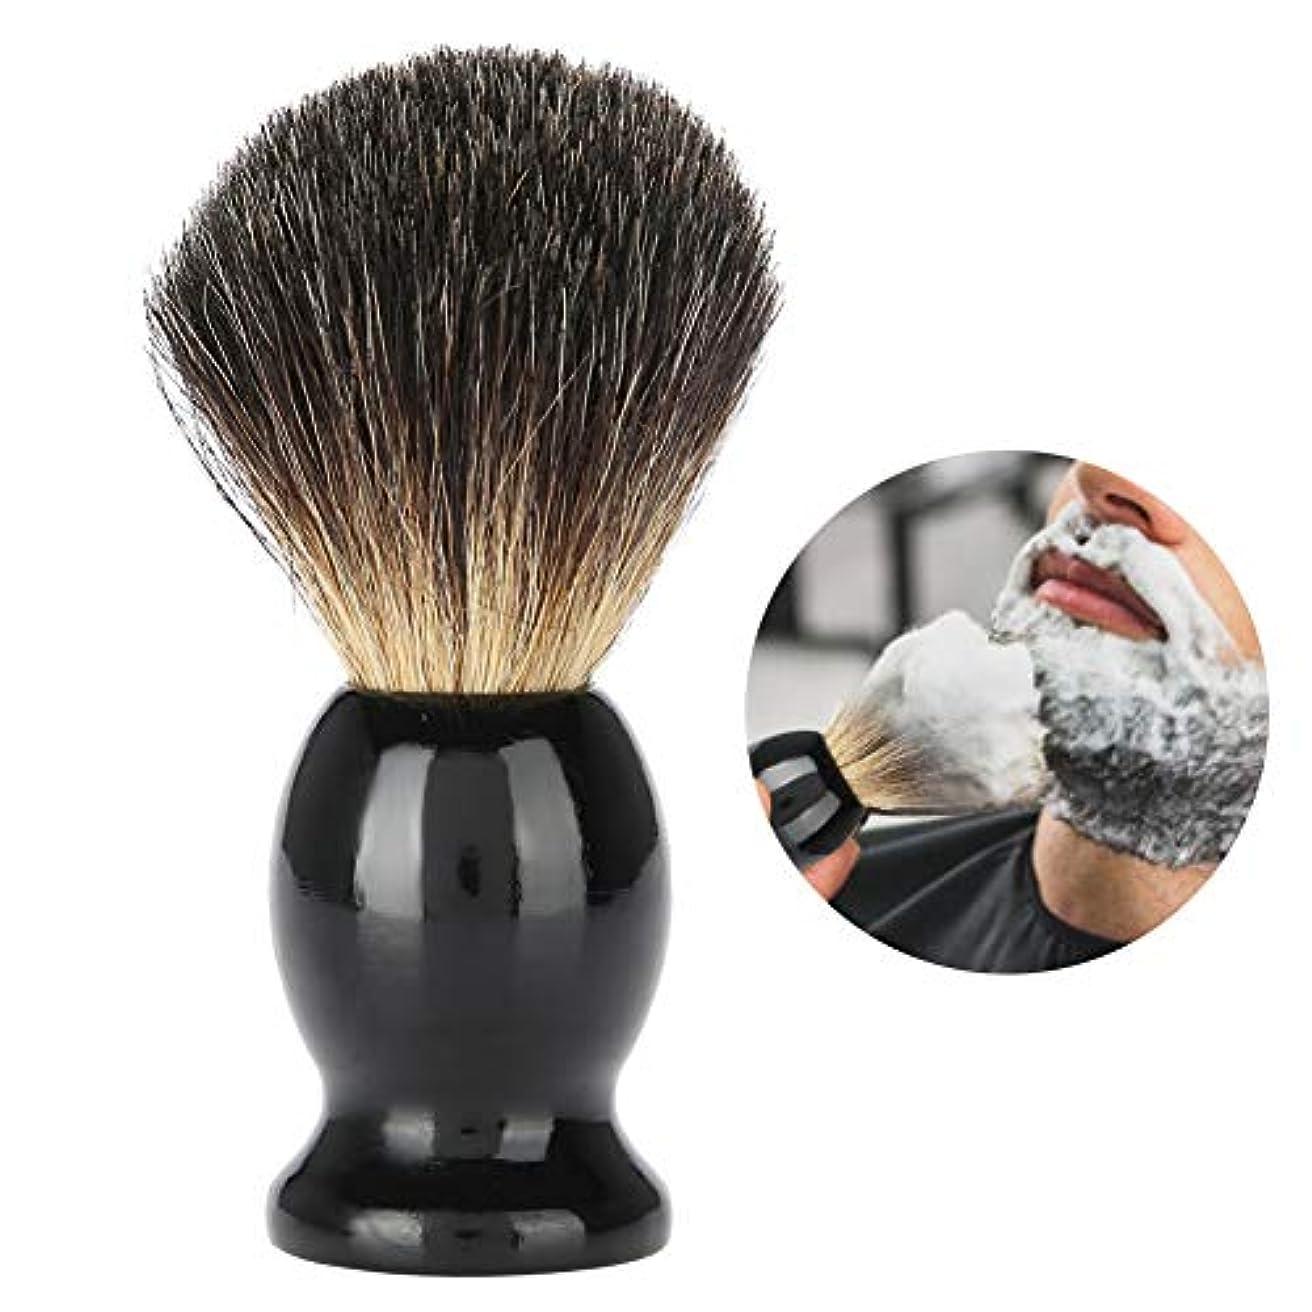 感染するスポーツマン調整Yuyteポータブル男性ウッドハンドル髭剃りブラシ理髪店サロンツール